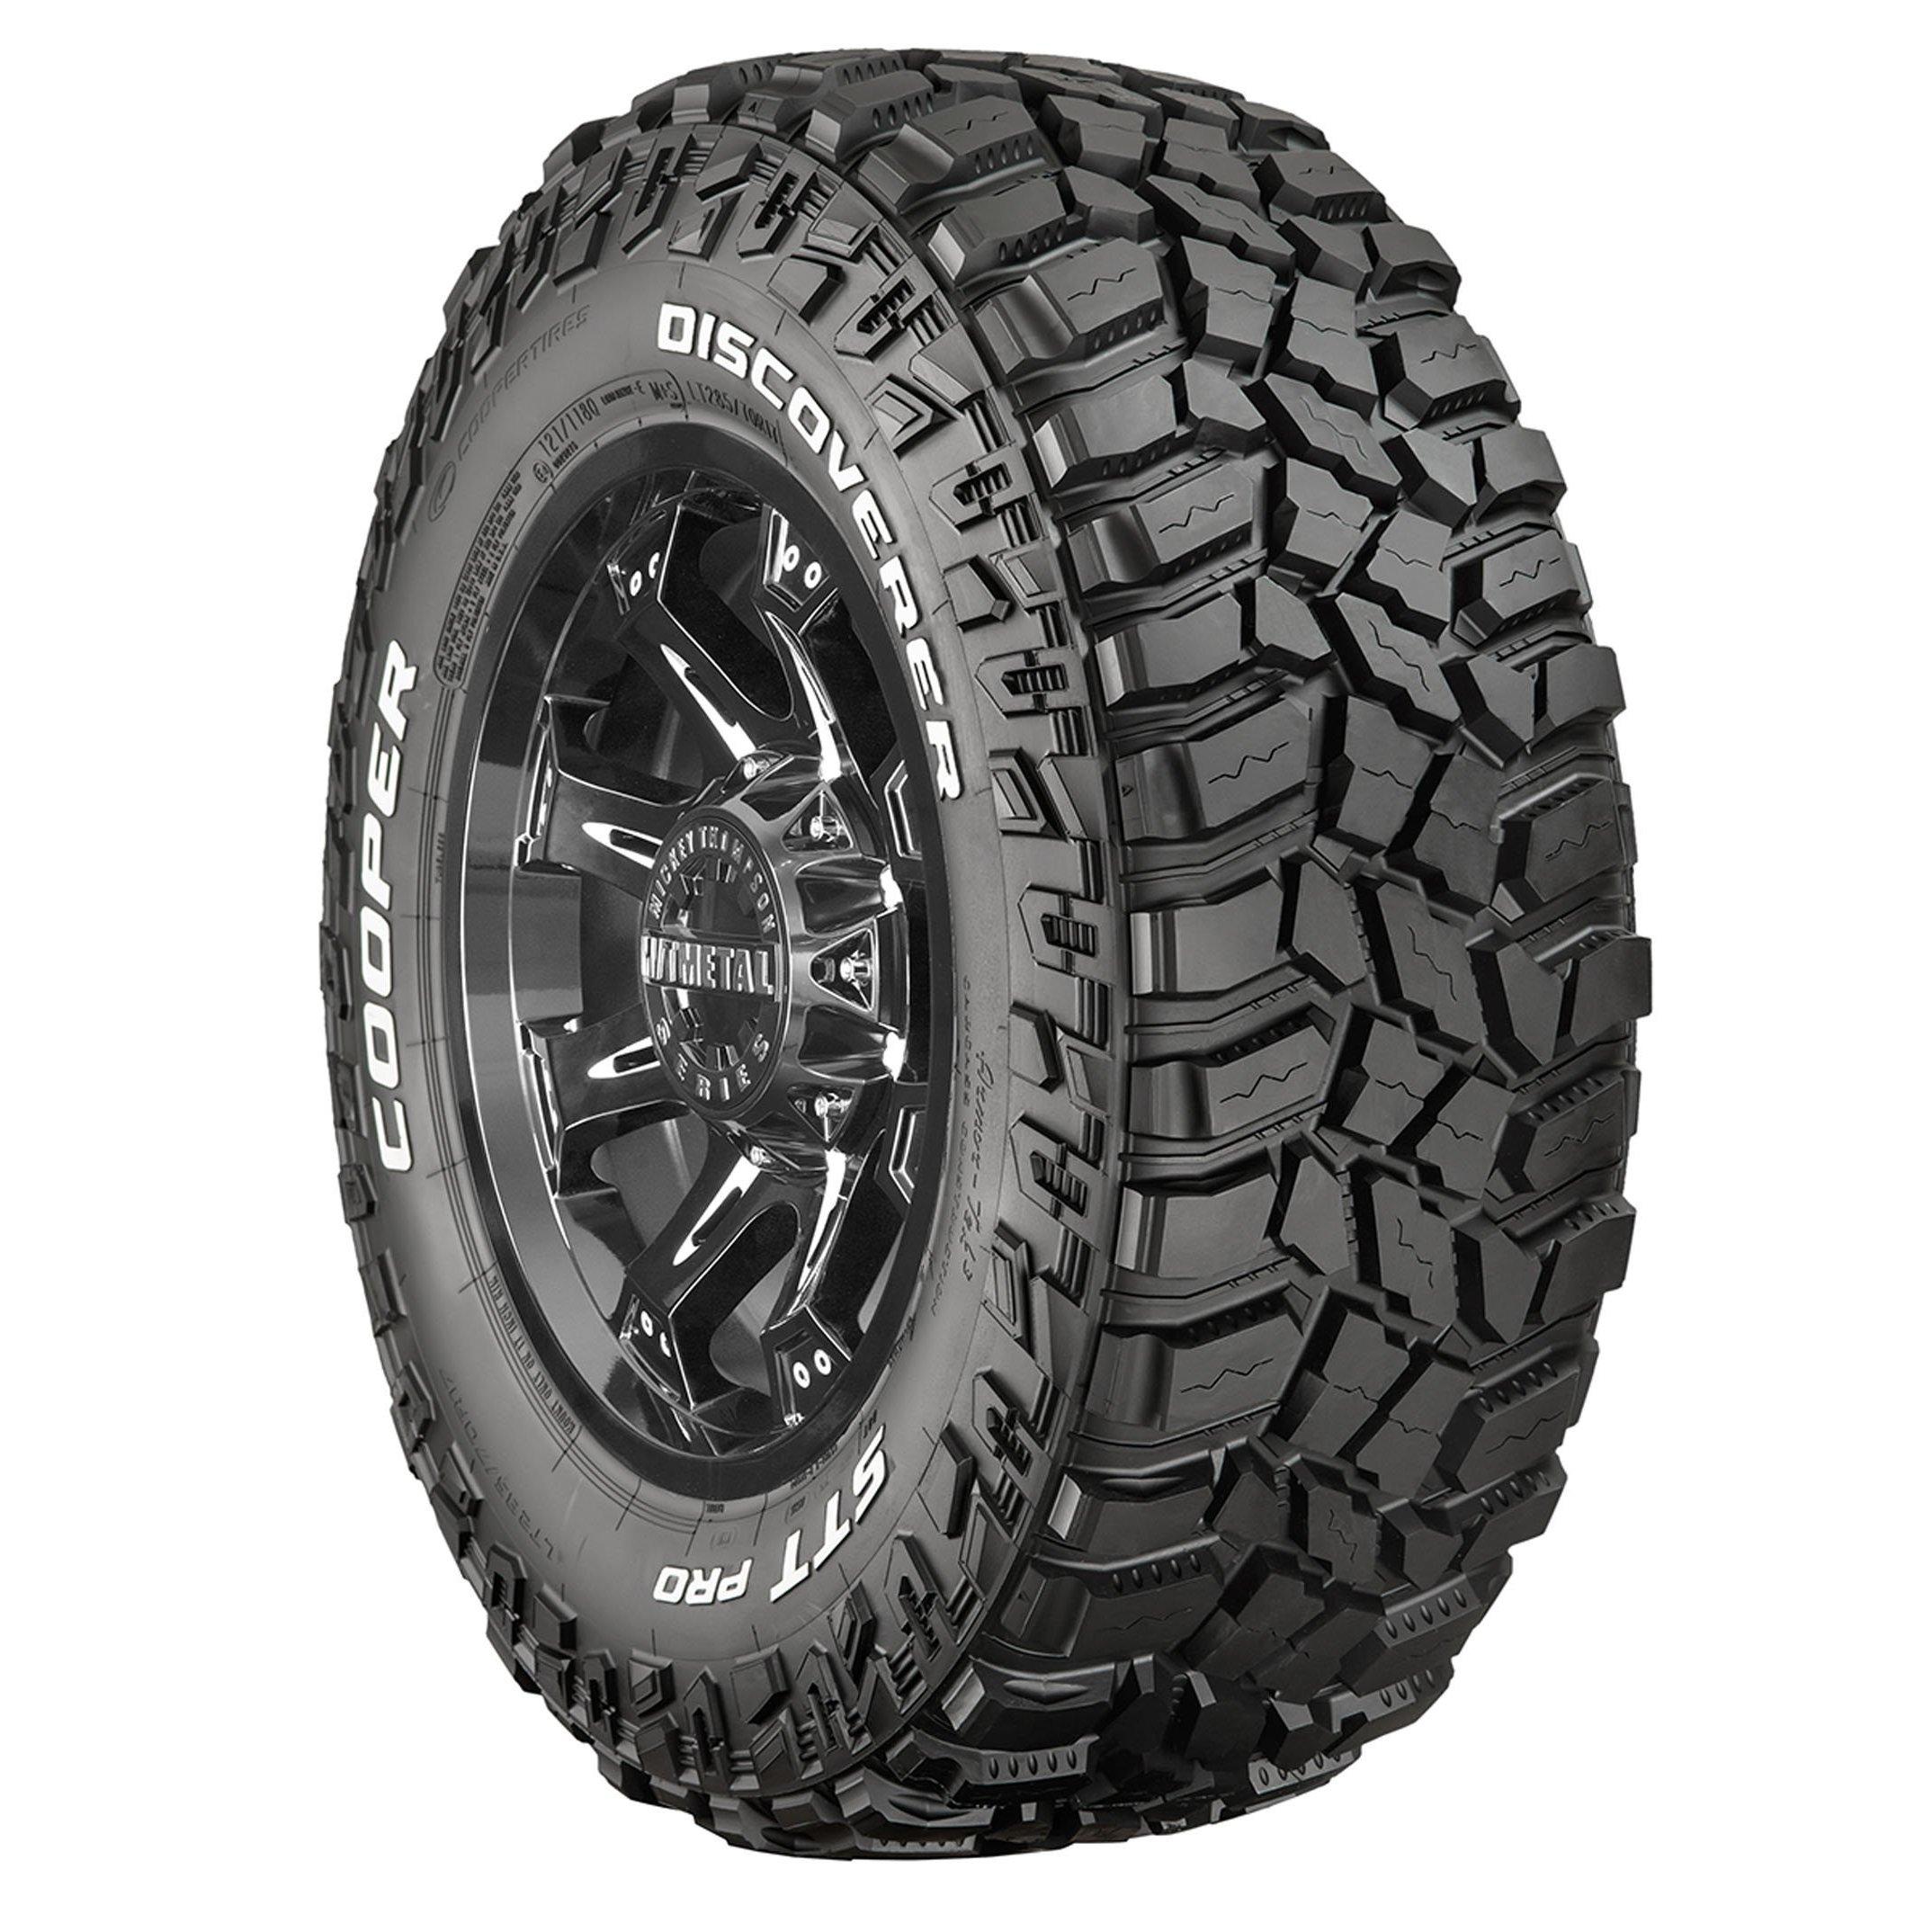 COOPER Discoverer STT Pro Off Road Tire - LT255/75R17 LRC...